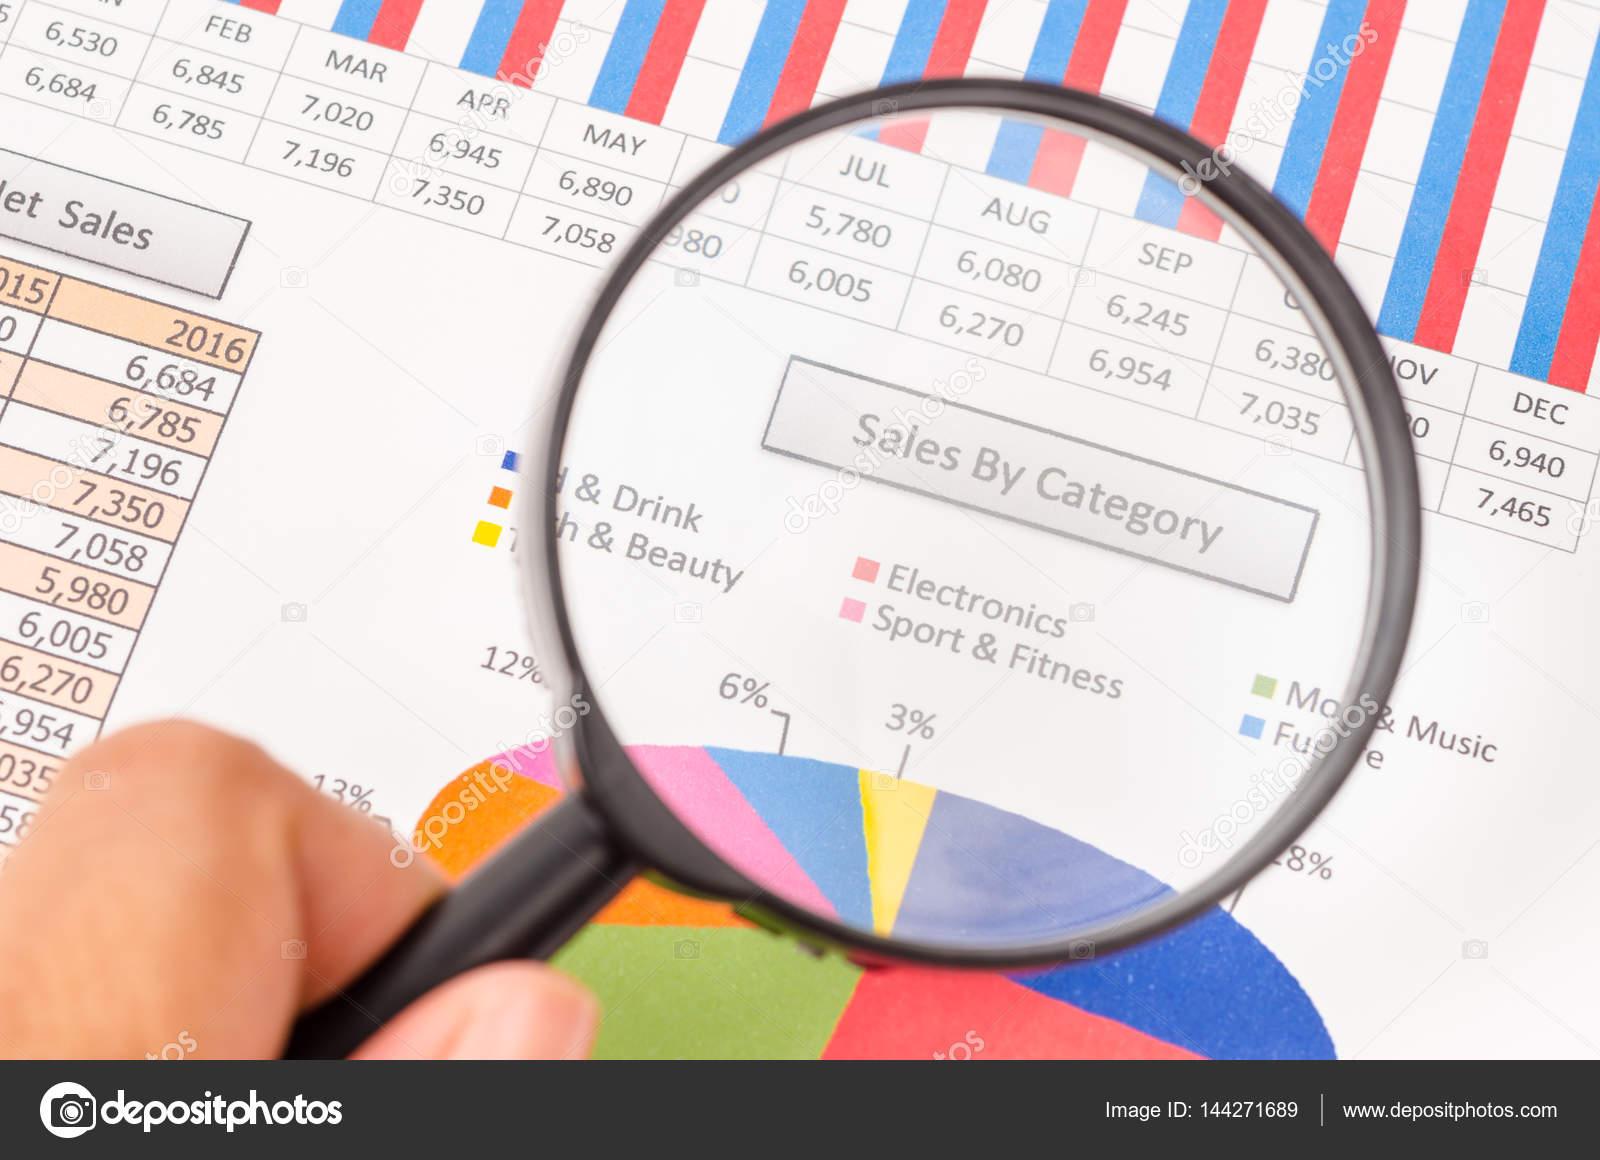 Umsätze nach Kategorie-Bericht — Stockfoto © gamjai #144271689